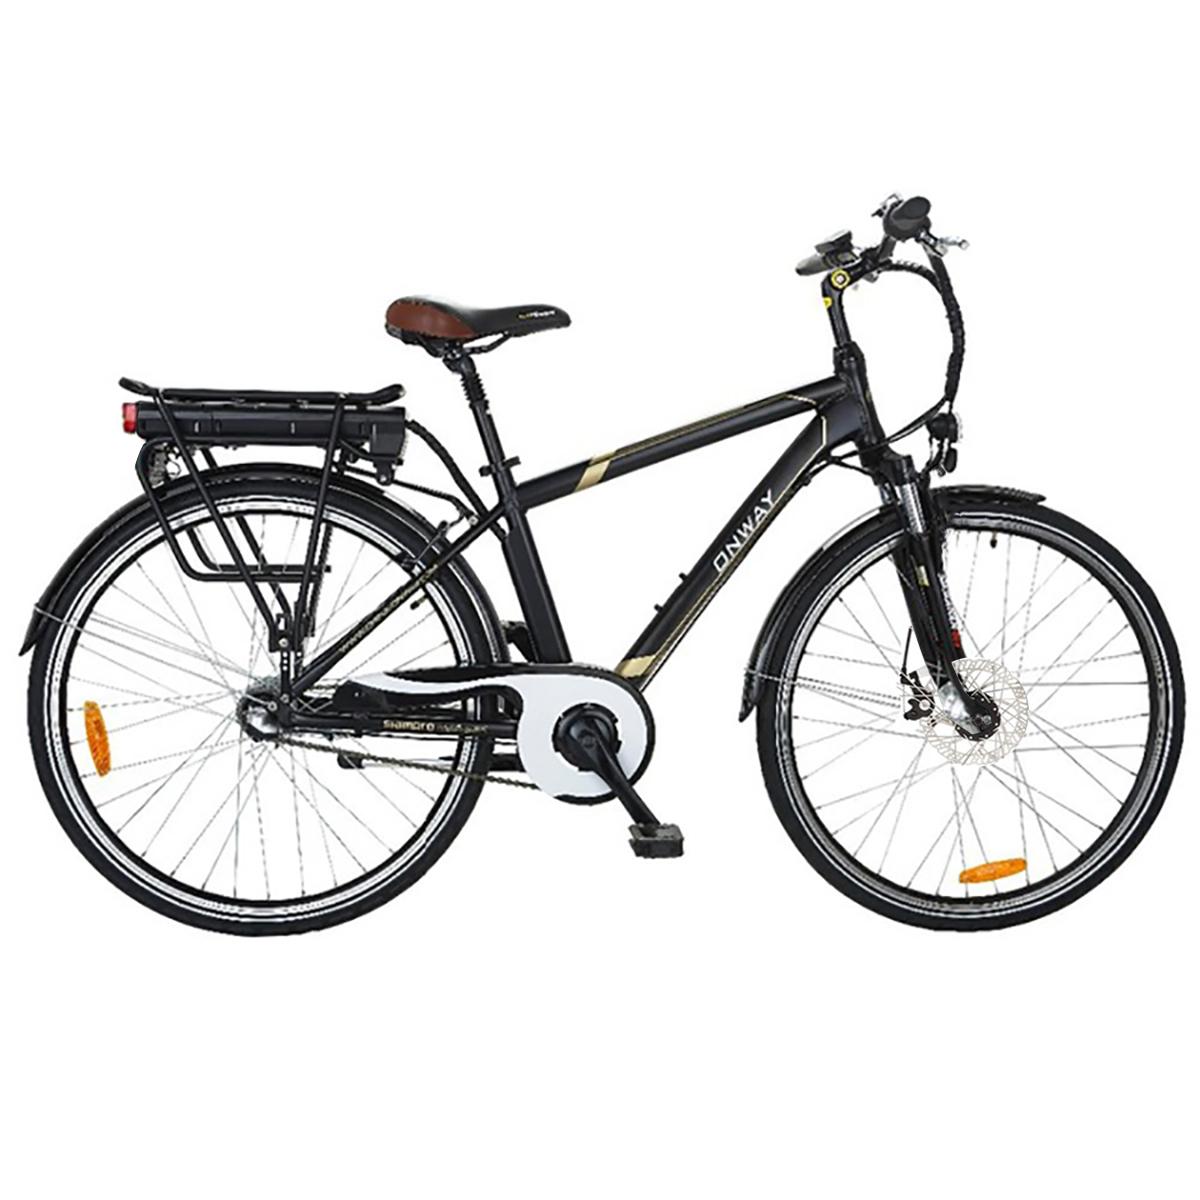 دوچرخه برقی آن وی مدل HF-7001301B36V500w سایز 26